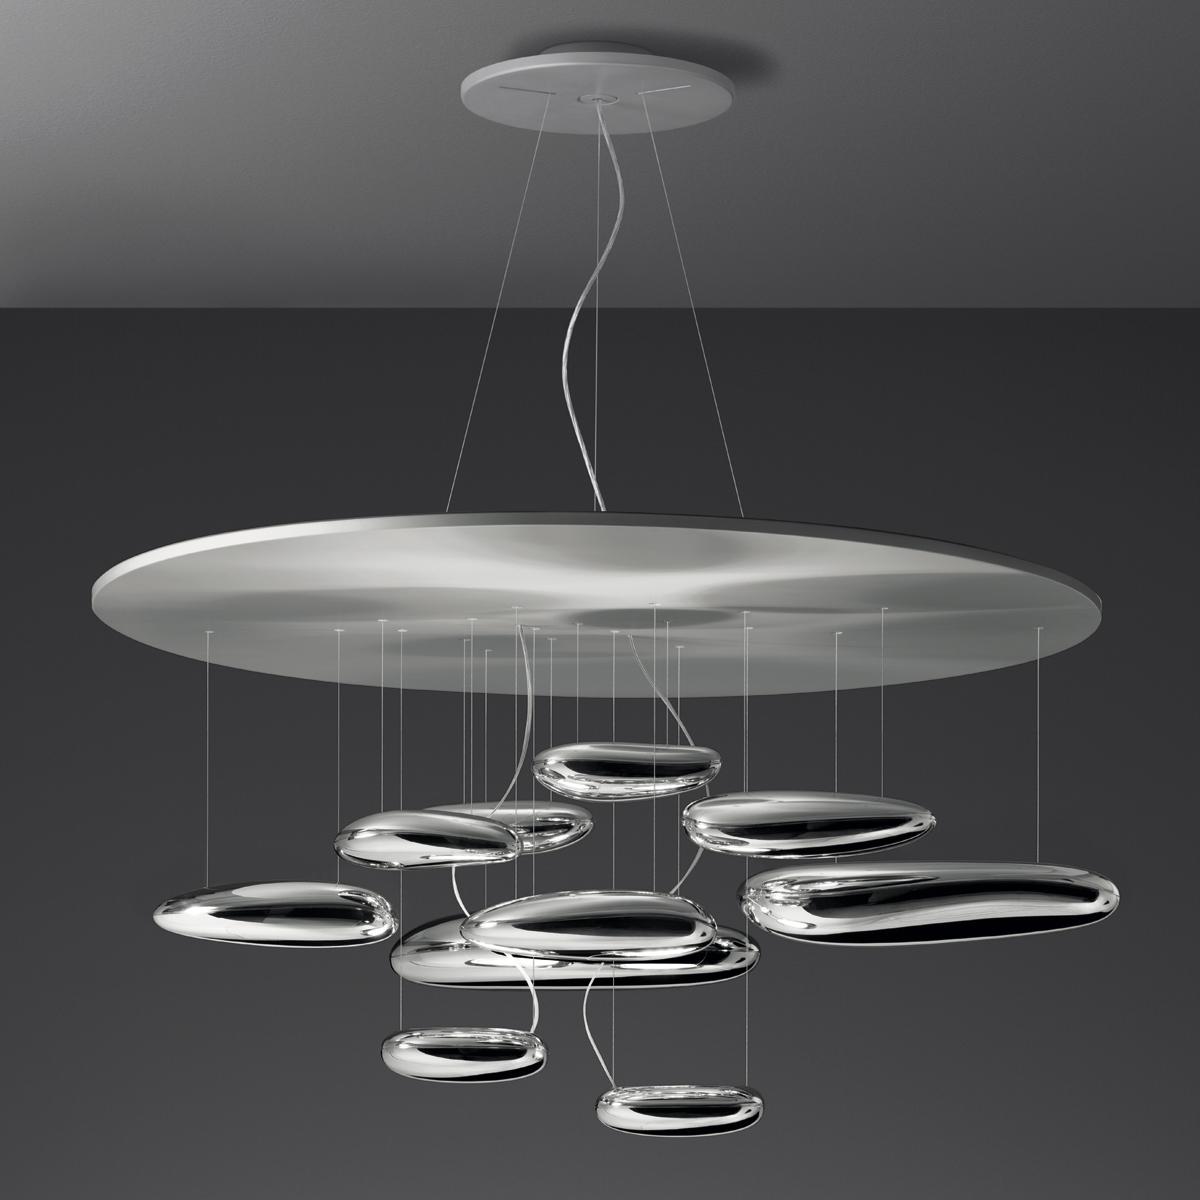 artemide trendsetter in sachen licht. Black Bedroom Furniture Sets. Home Design Ideas